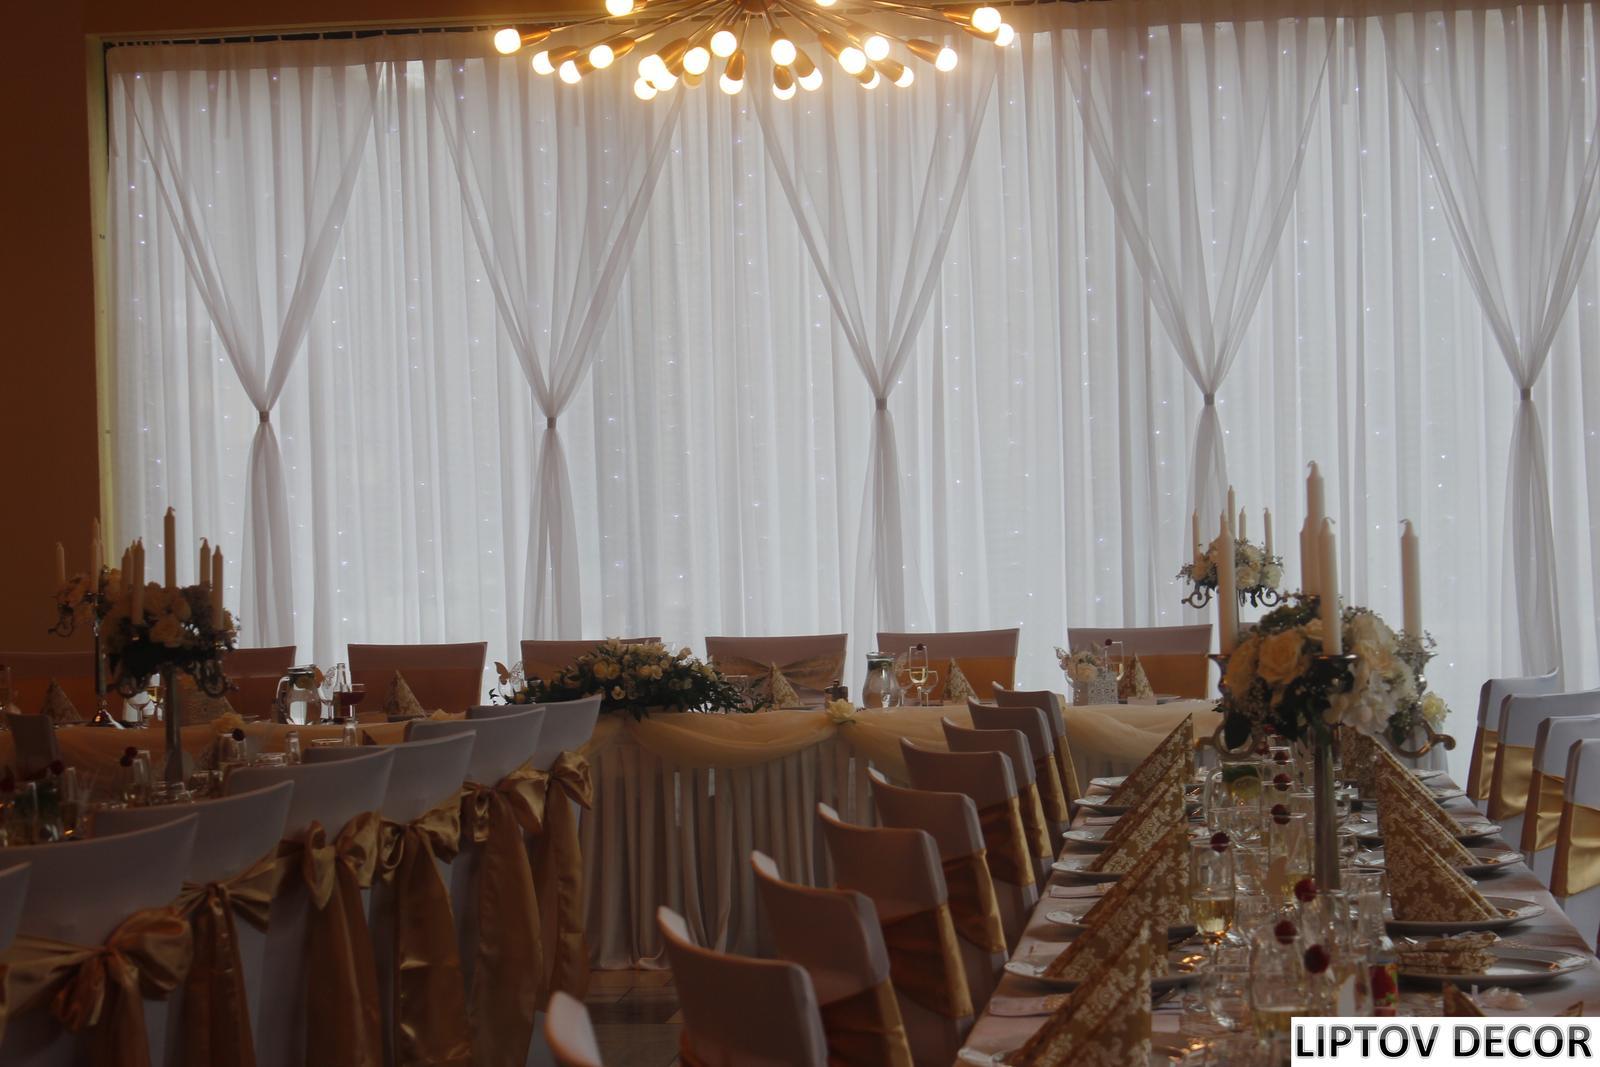 Svadobná výzdoba - HOTEL HRABOVO RUŽOMBEROK - Obrázok č. 8